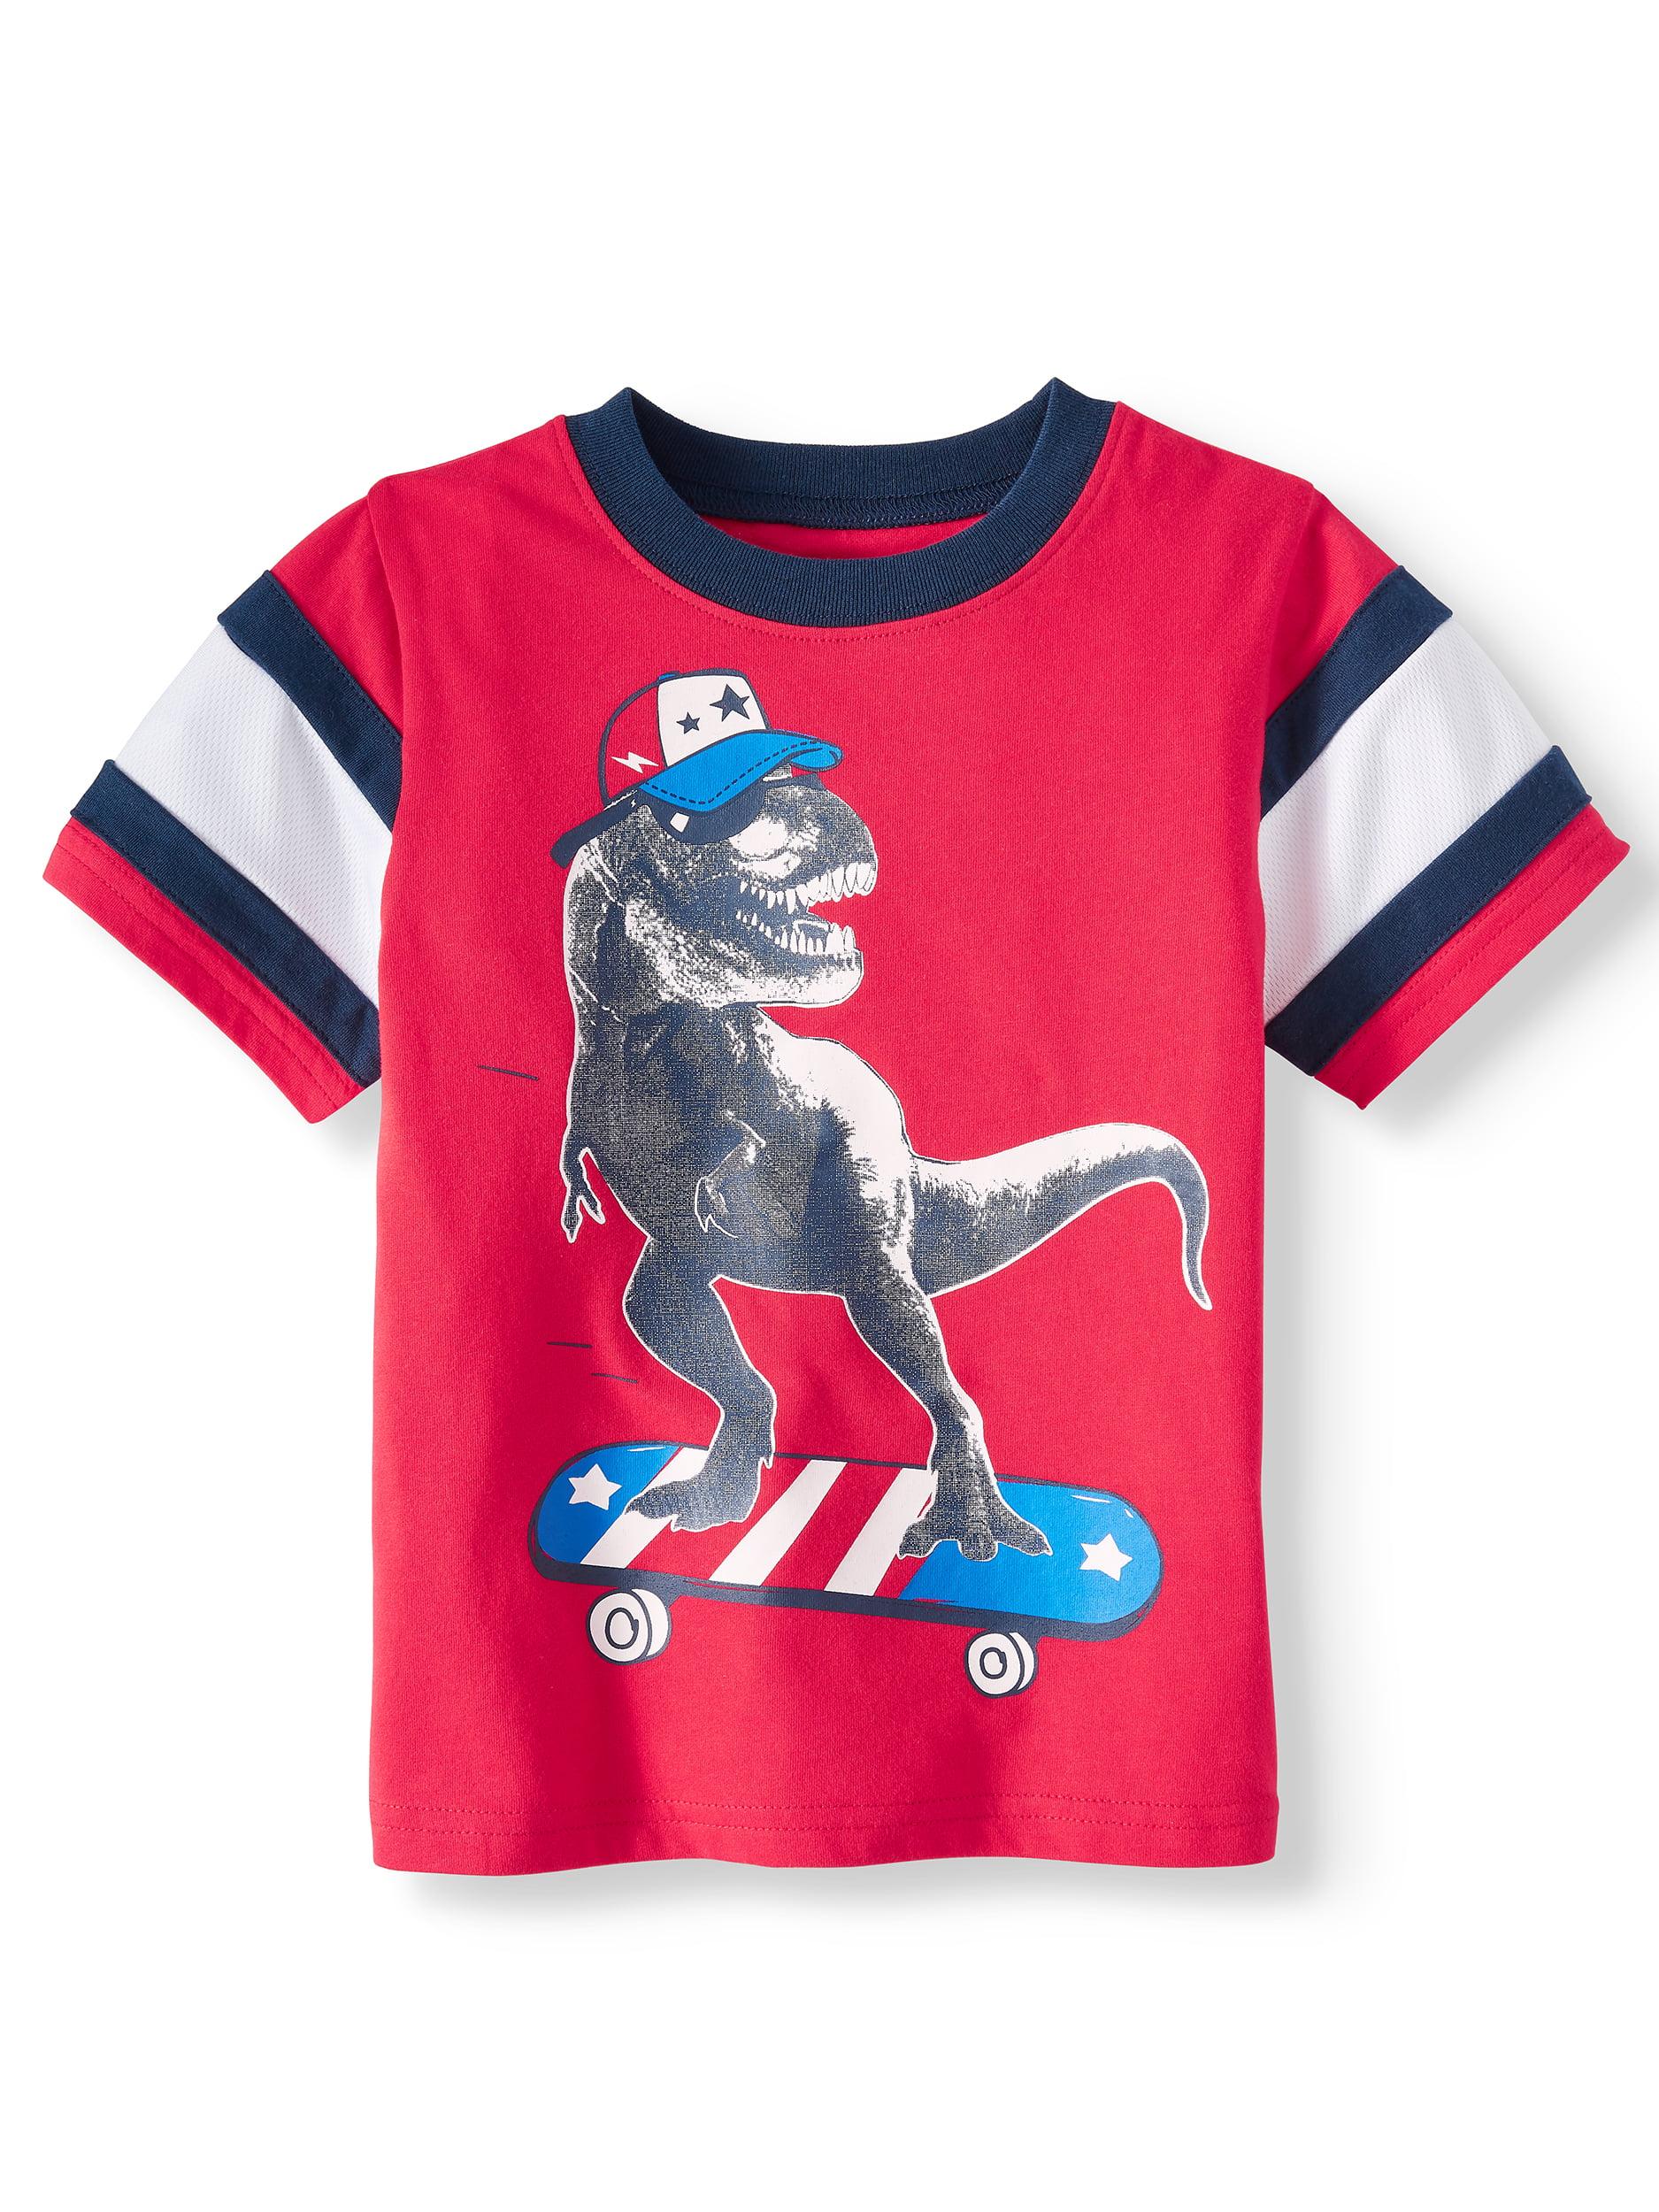 Kids Patriotic Shirt Boys dinosaur Shirt boys 4th of july dinosaur shirt,Dinosaur shirt 4th of July boys shirt Boys Fourth of July Shirt